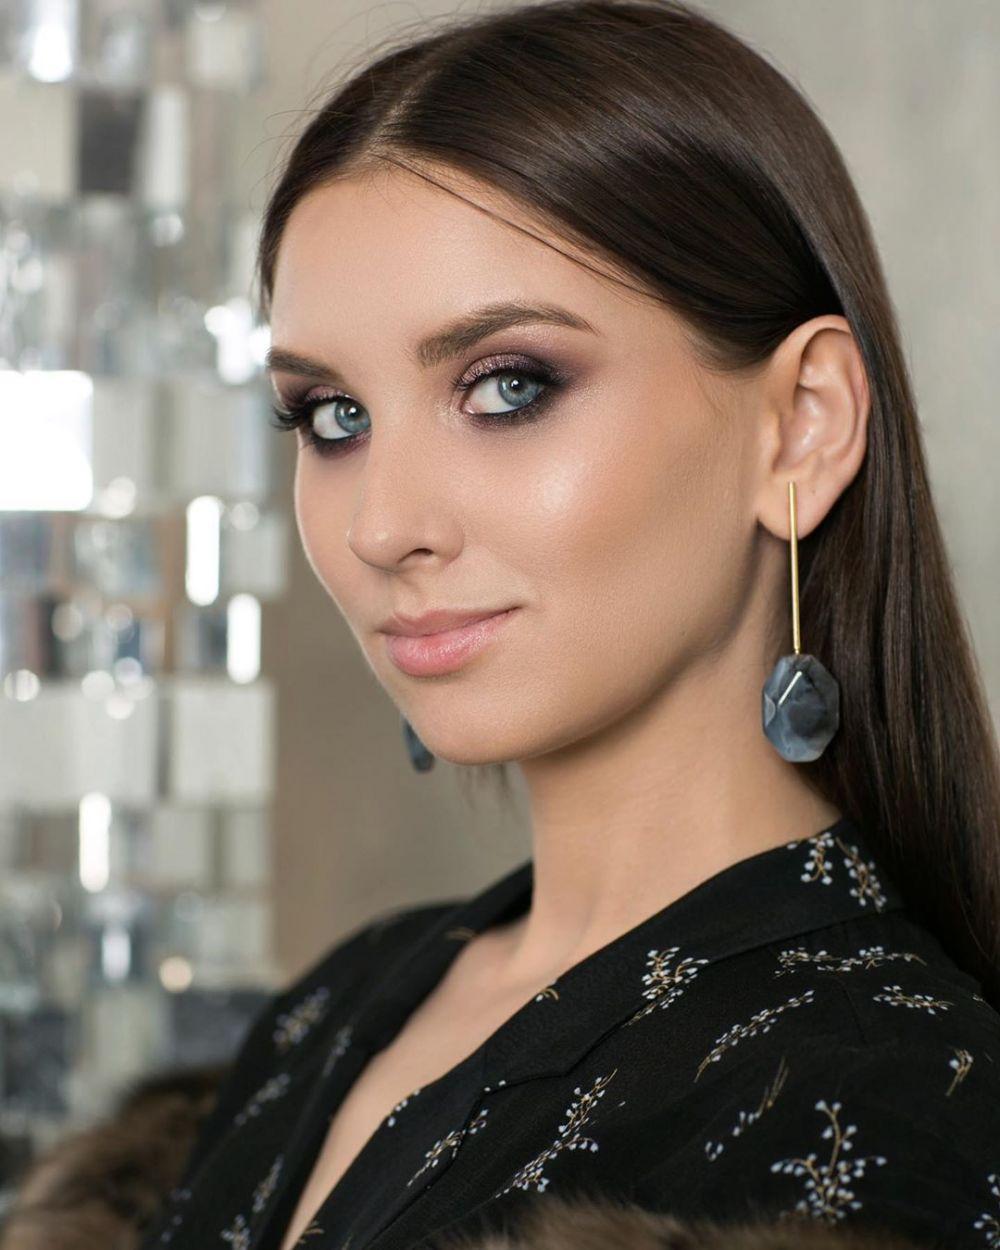 Елагина Людмила, 29 лет. Высшее образование, администратор в компании Art-House HUGGE. Хобби: фотография, большой теннис.